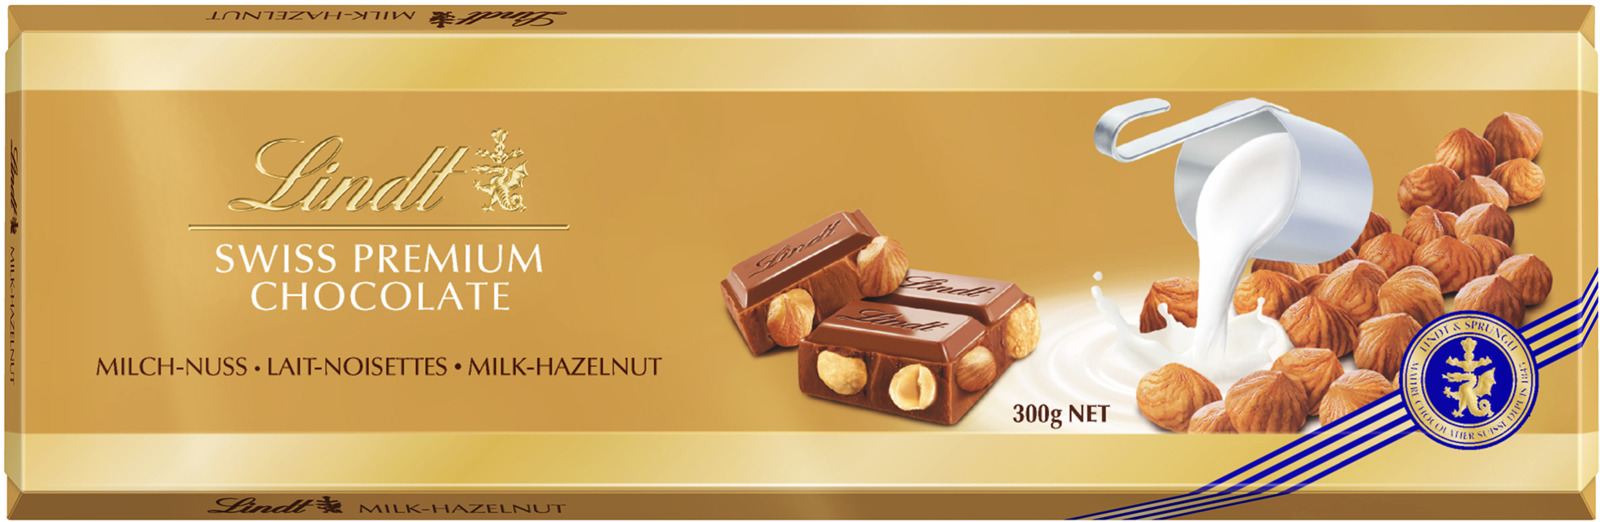 Lindt Gold молочный шоколад с цельным фундуком, 300 г шоколад молочный lindt creation пралине с вафлей 150 г